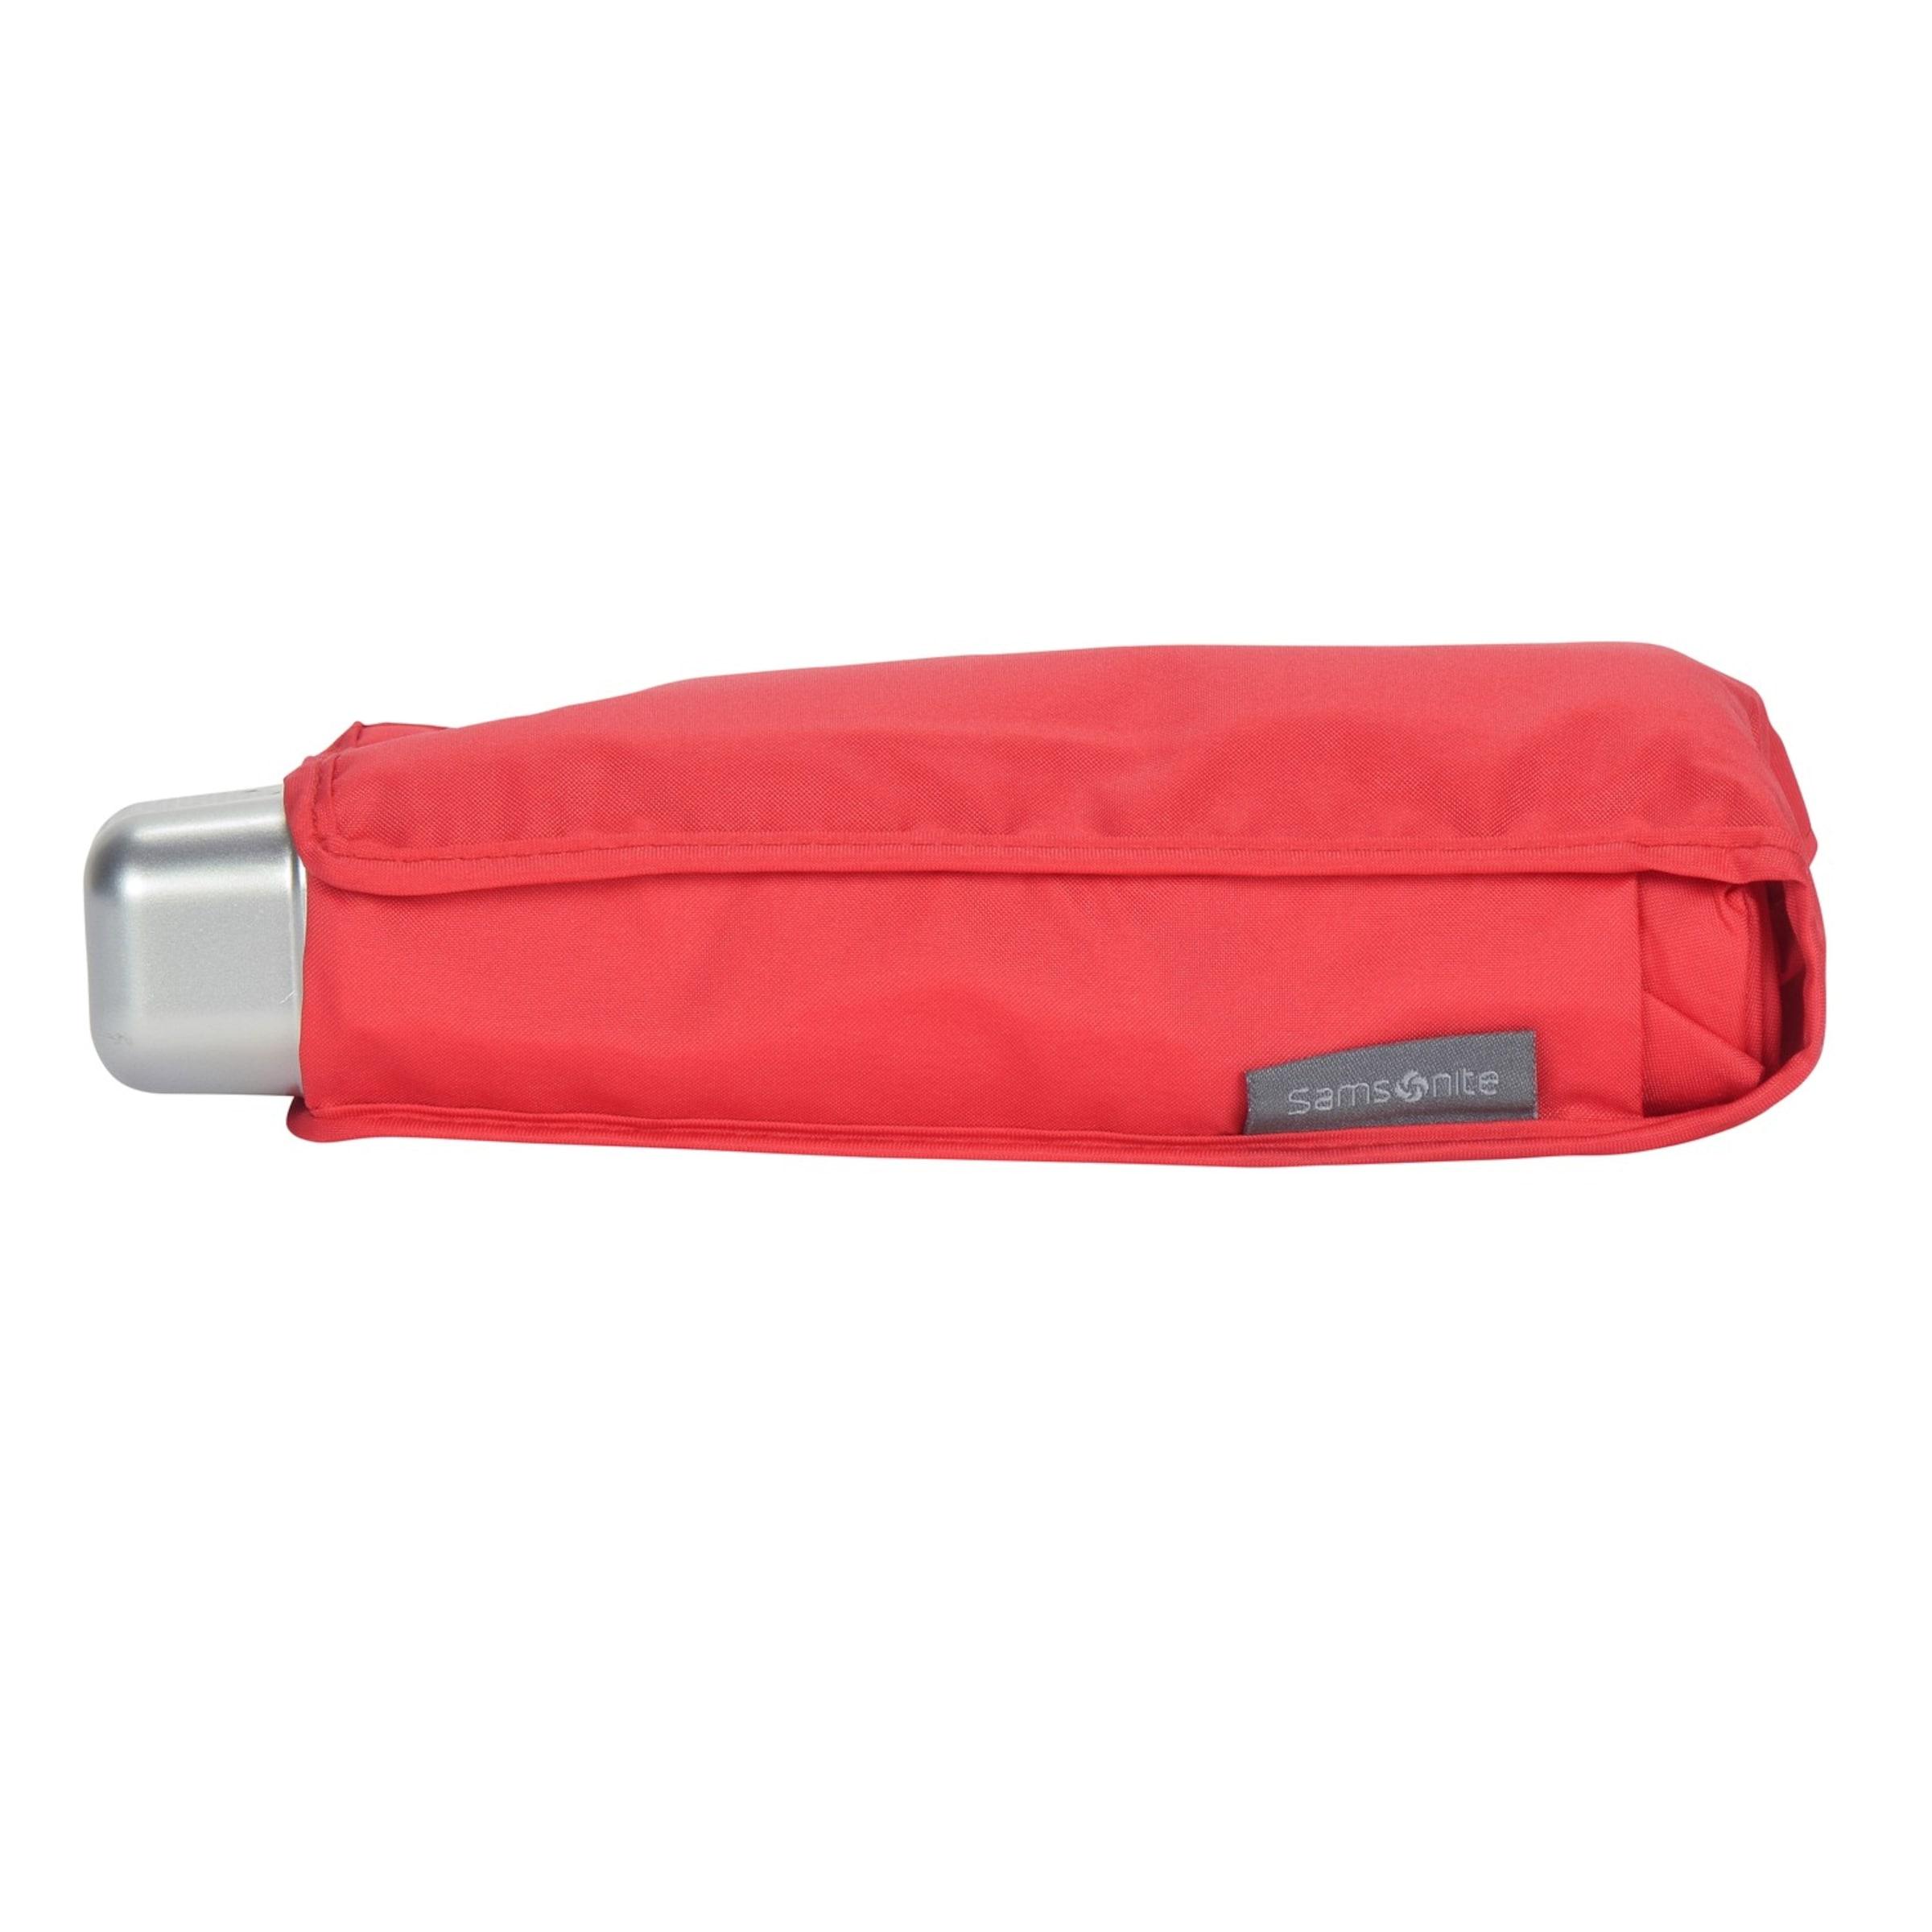 SAMSONITE Accessories Taschenschirm Supermini 17 cm Rabatt Für Schön Manchester Große Online-Verkauf Billig Verkauf Ebay Sehr Günstiger Preis 15SwusQRO